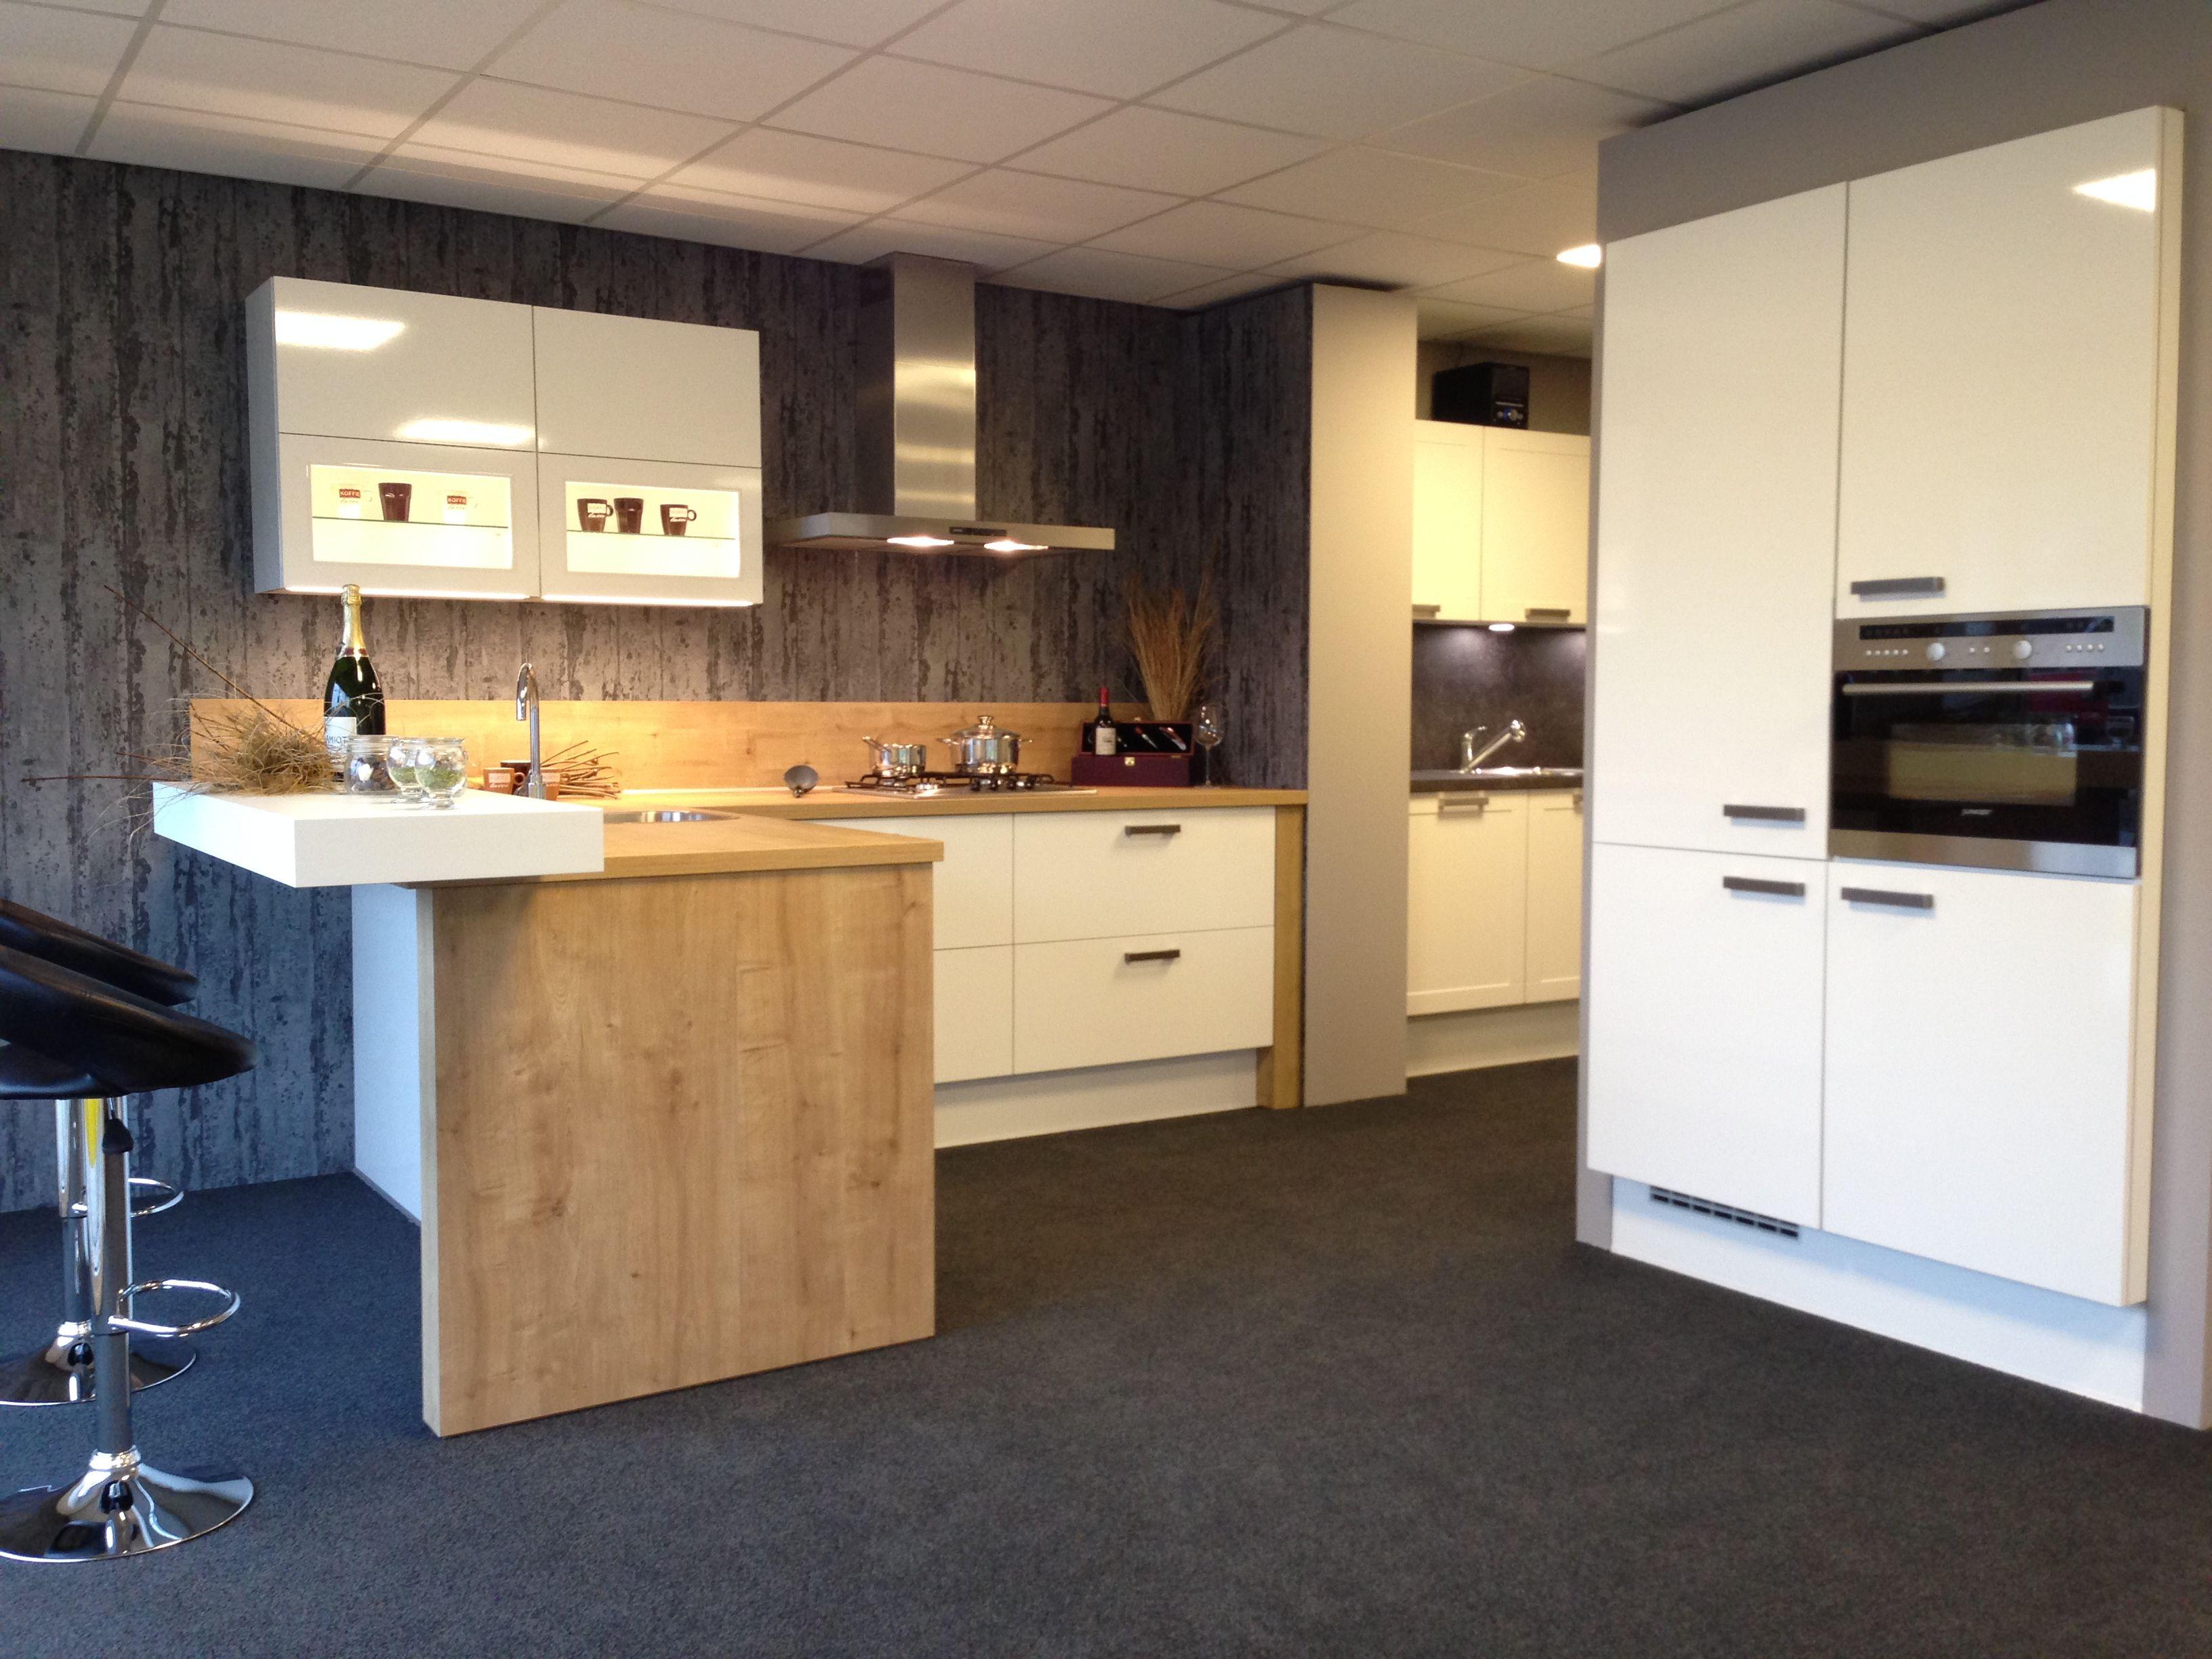 Eiken Frontjes Keuken : Ikea keuken eiken frontjes u informatie over de keuken